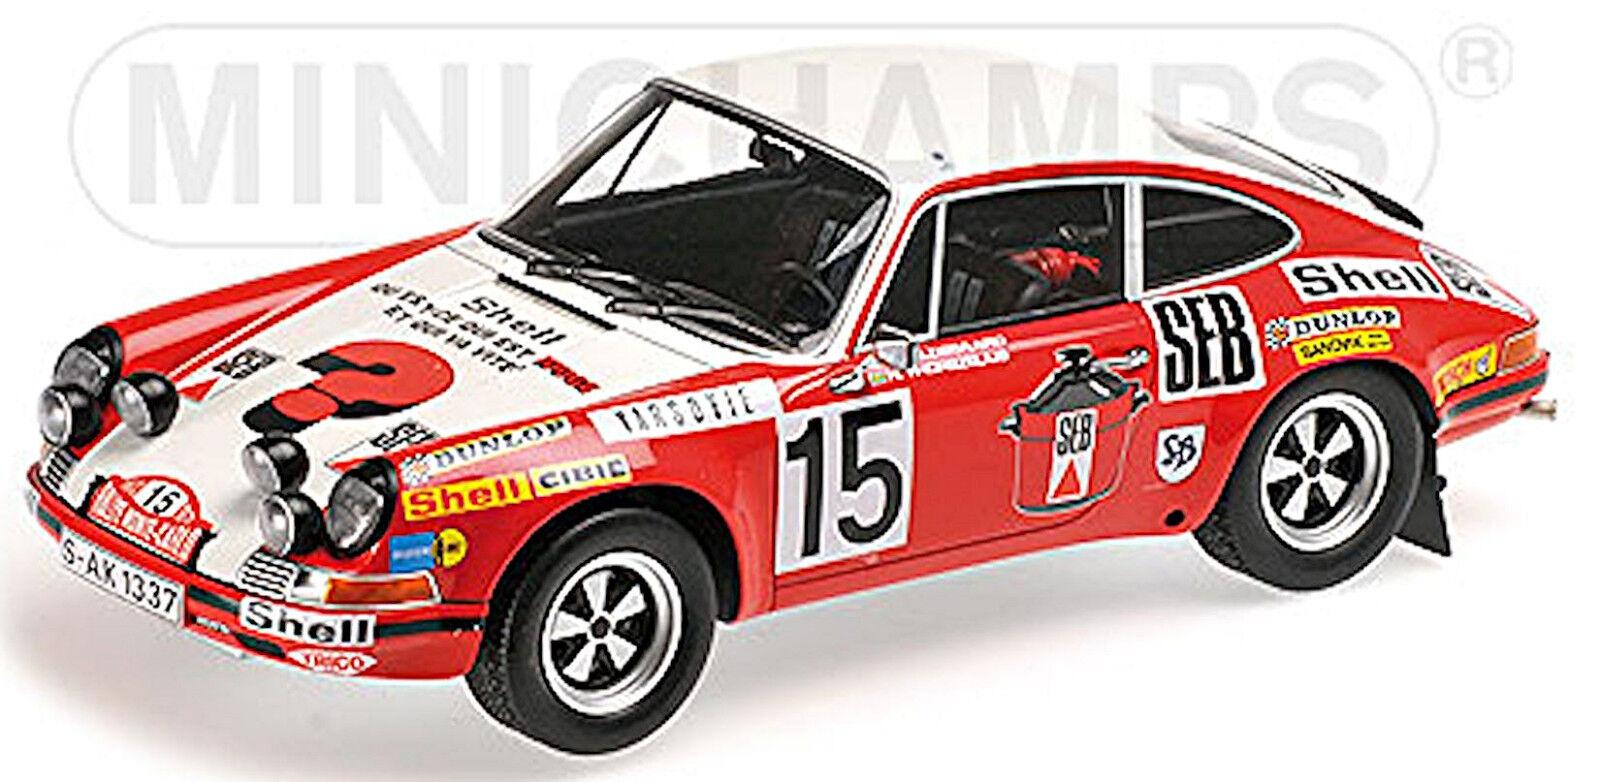 Porsche 911 s rallye monte carlo 1972  15 waldegard waldegard waldegard 1 18 MINICHAMPS 5d83e3